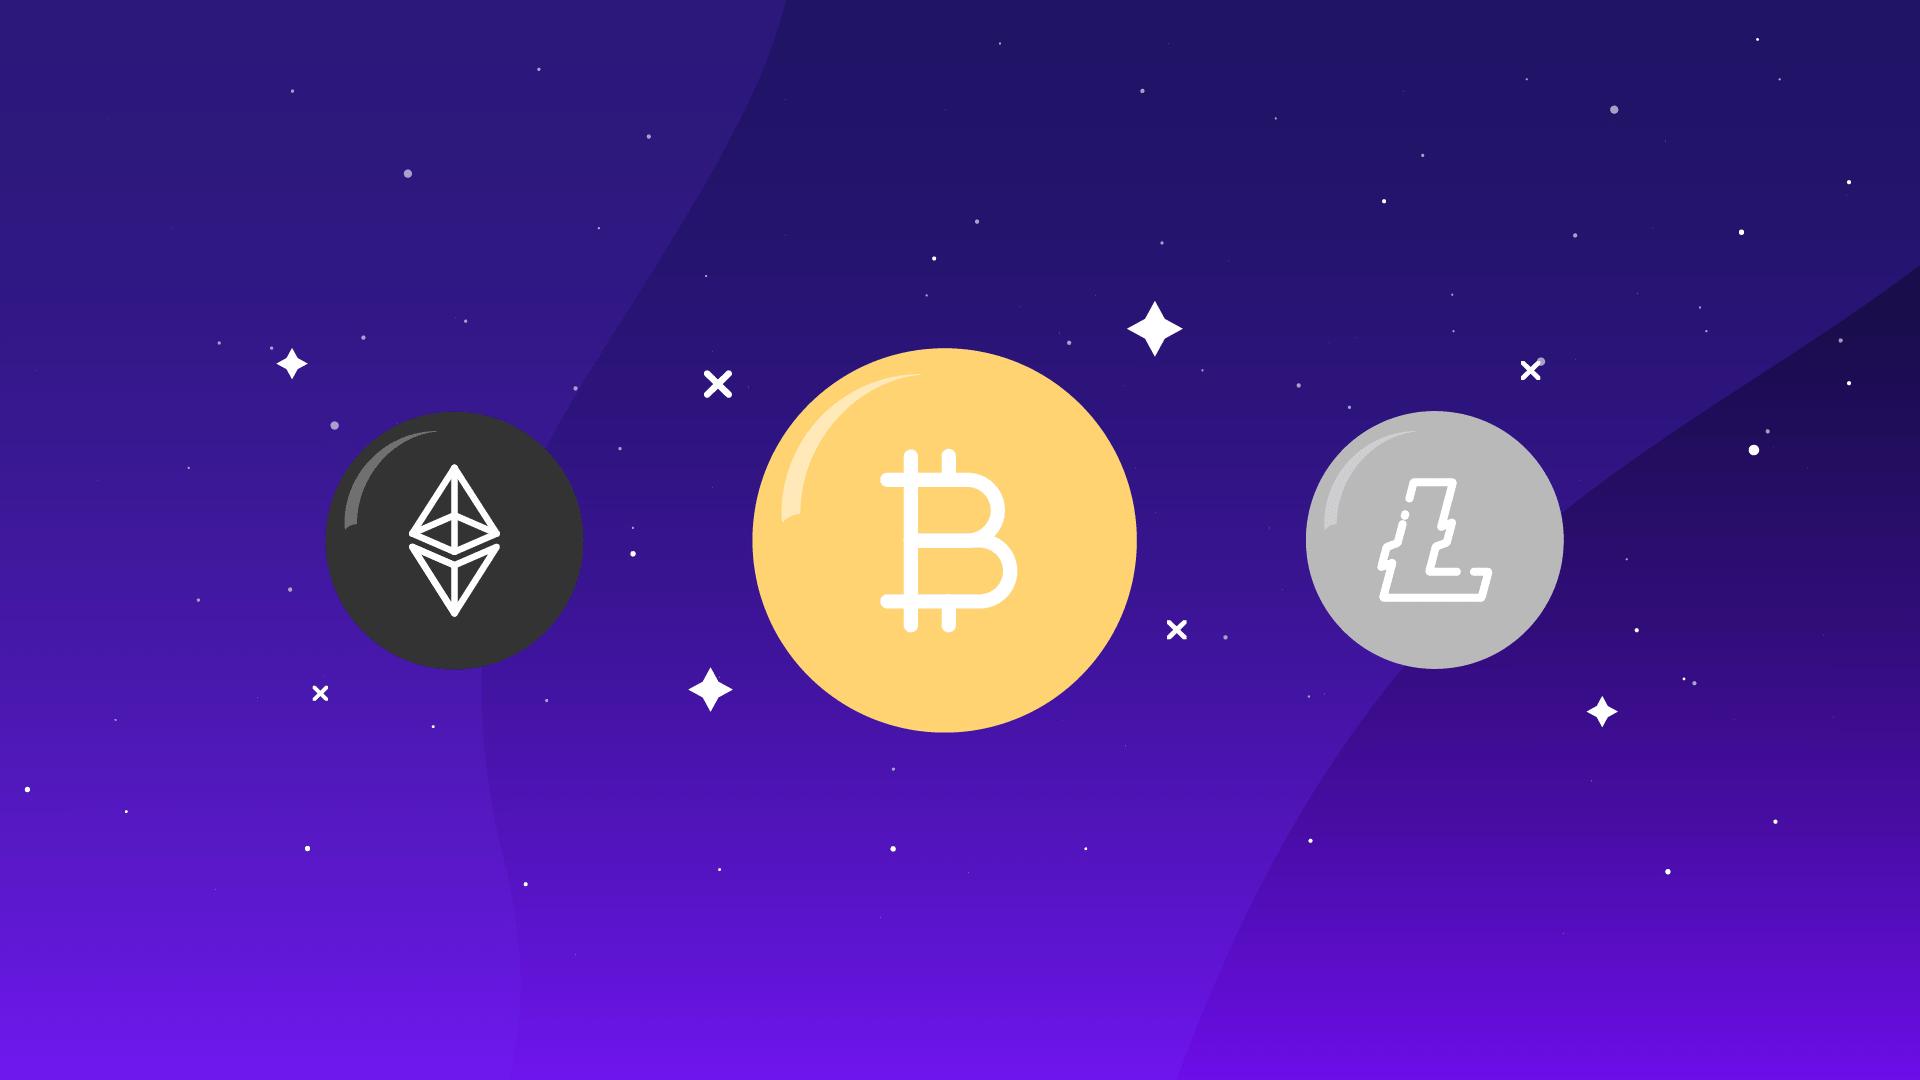 Bitcoin, Ethereum e Litecoin as principais criptomoedas